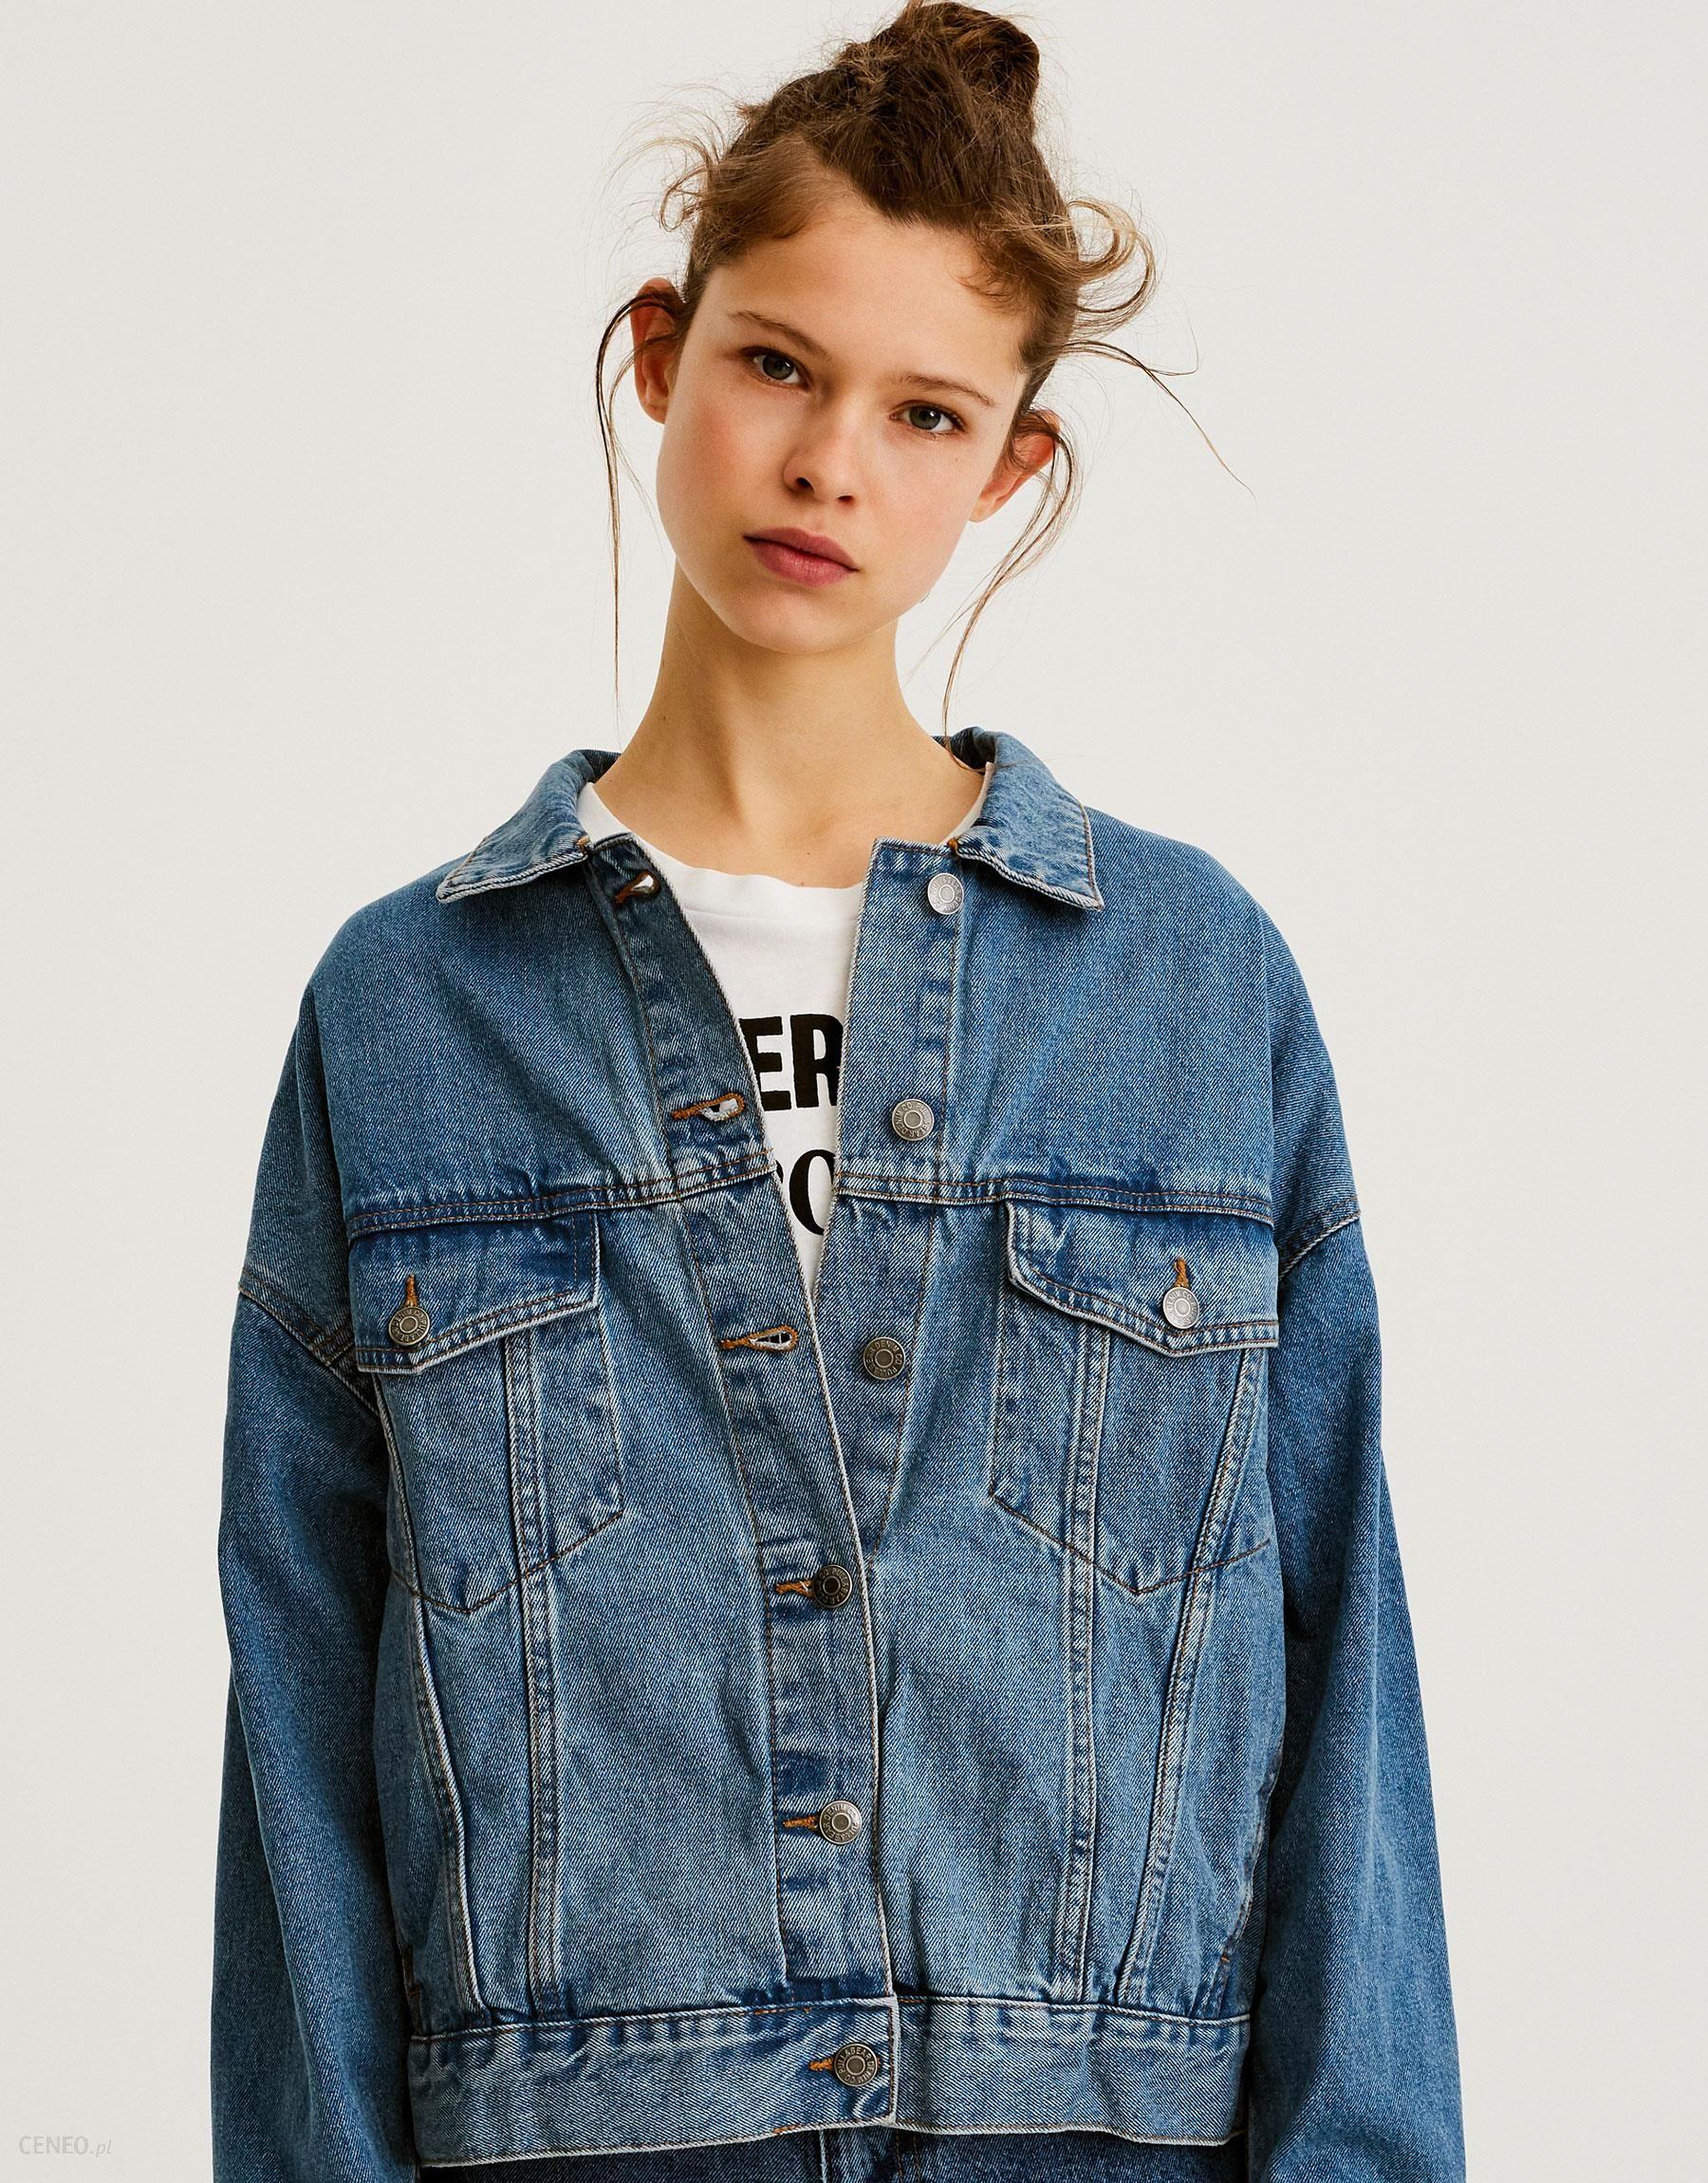 ad4900a769dff Luźna jeansowa kurtka z opadającymi ramionami - Ceny i opinie - Ceneo.pl